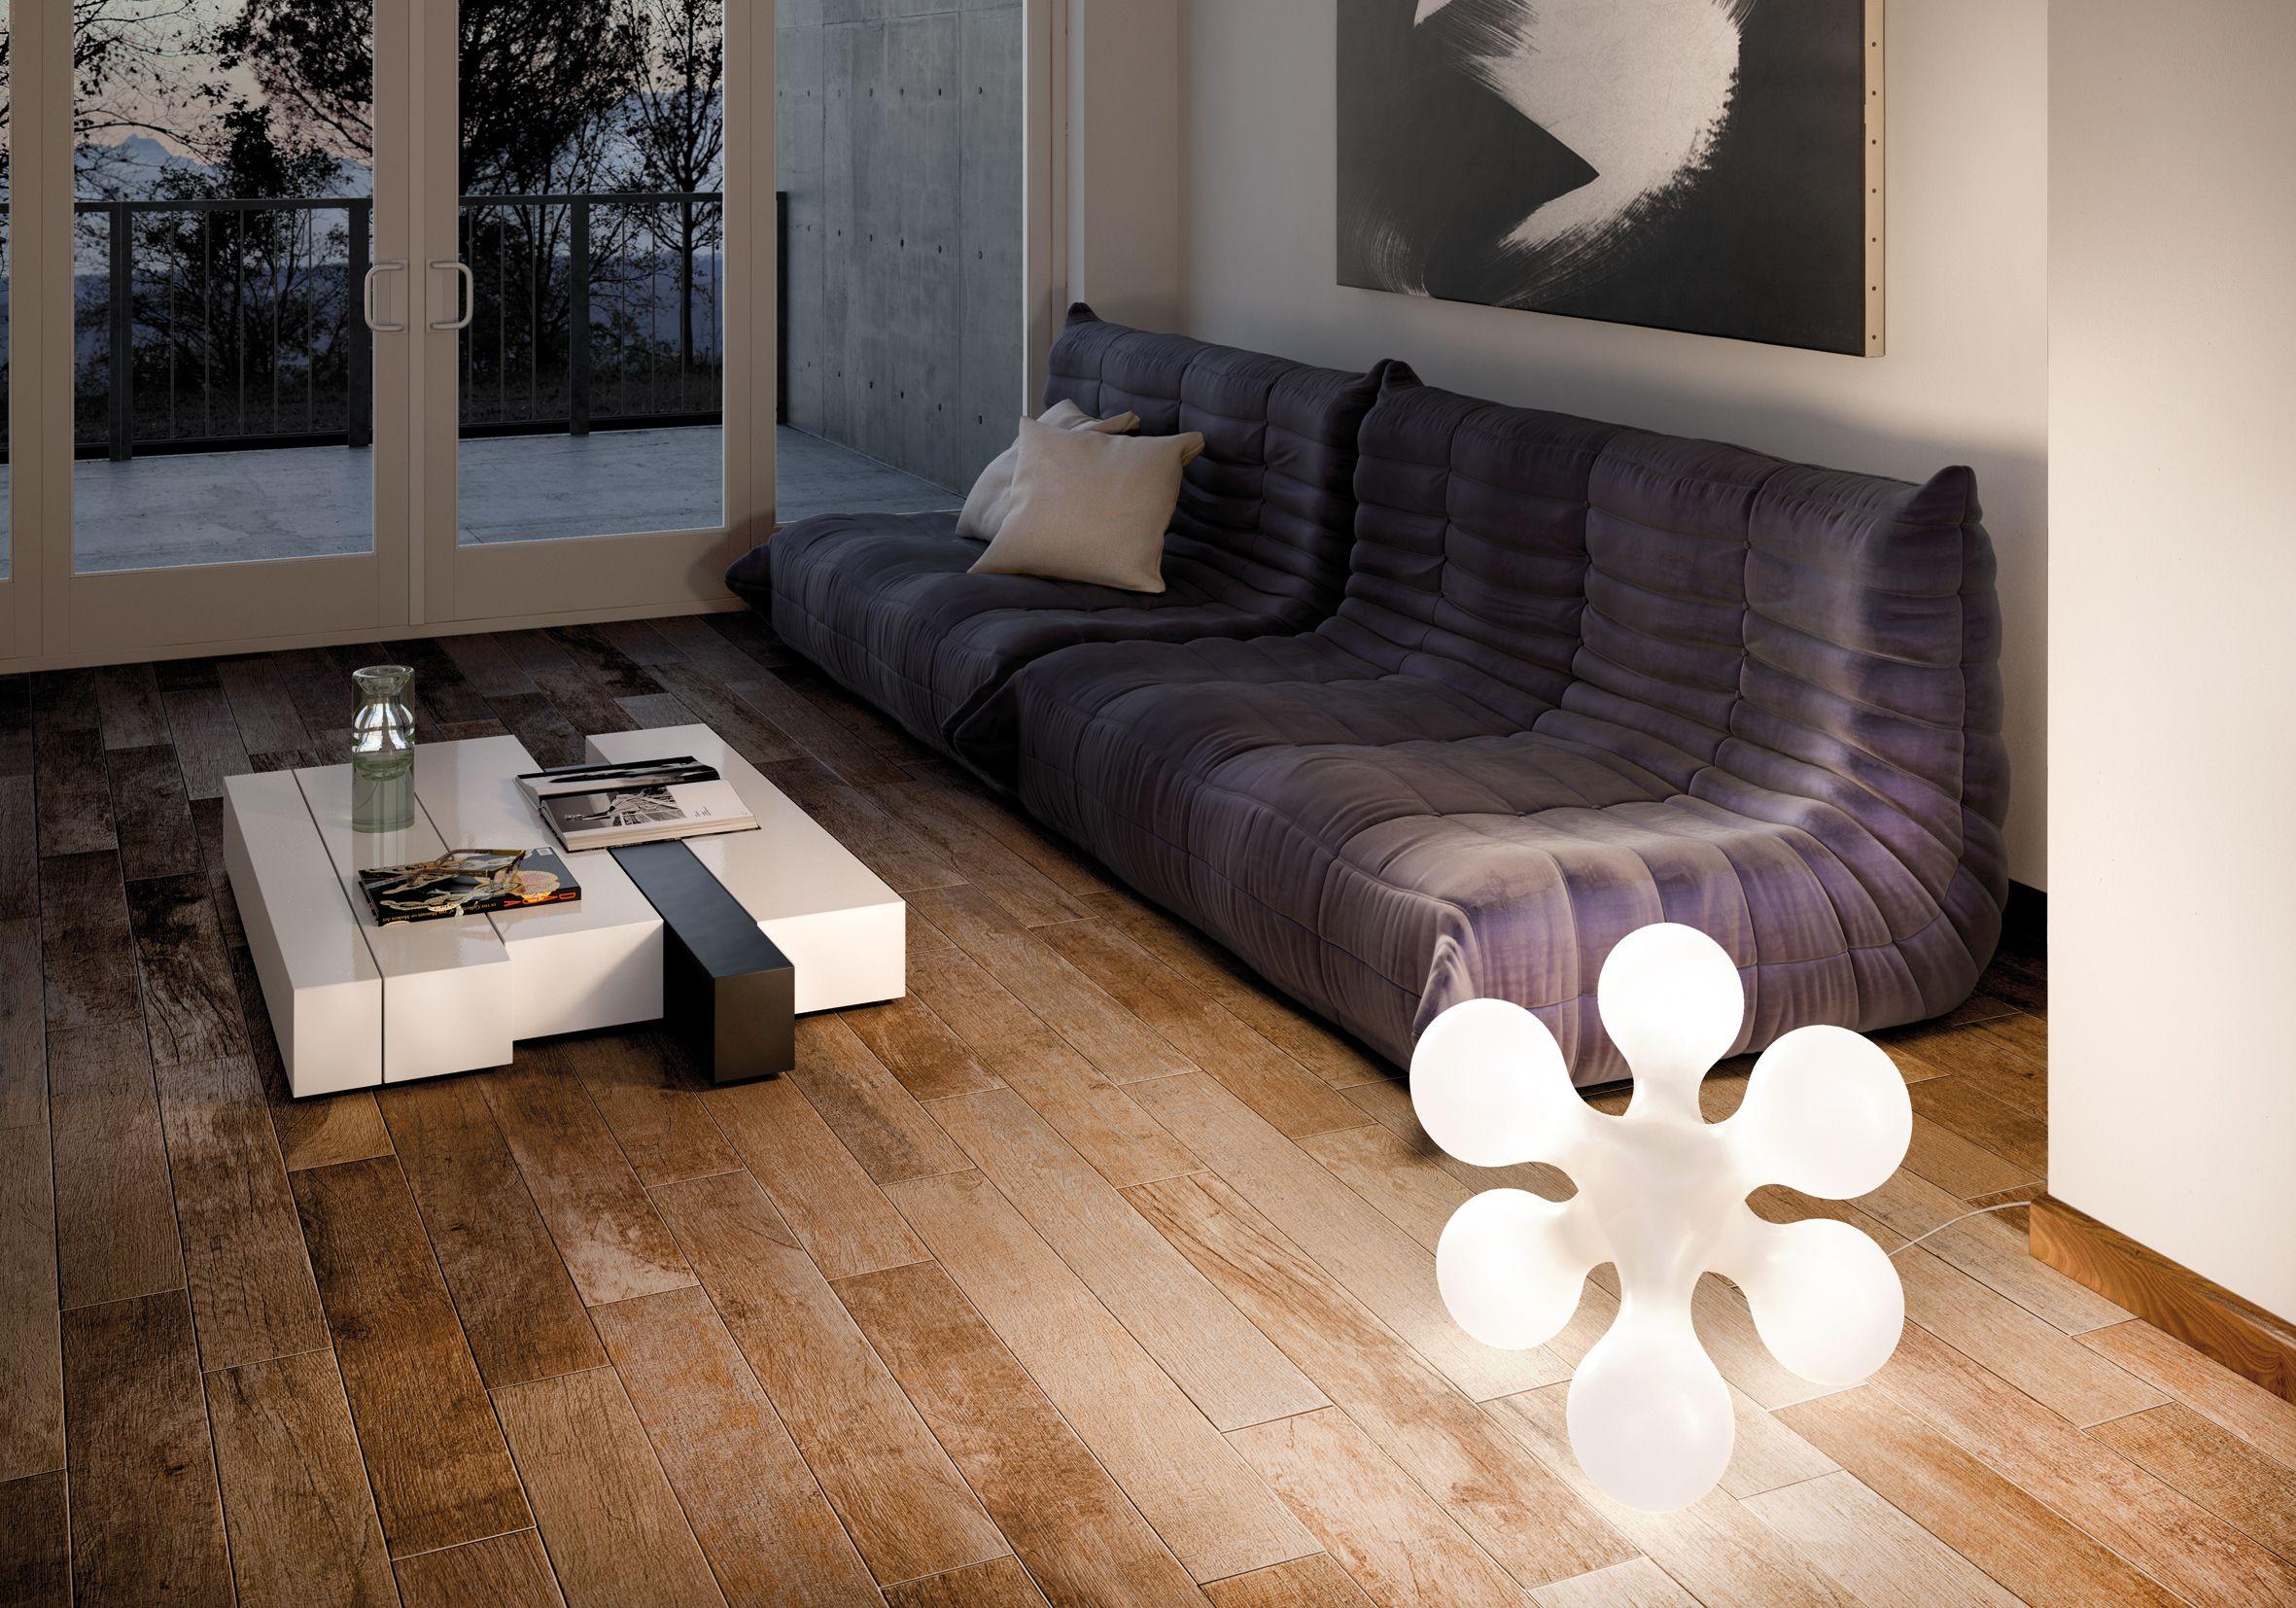 Atomium Bodenleuchte  Wohnzimmer design, Beleuchtung wohnzimmer